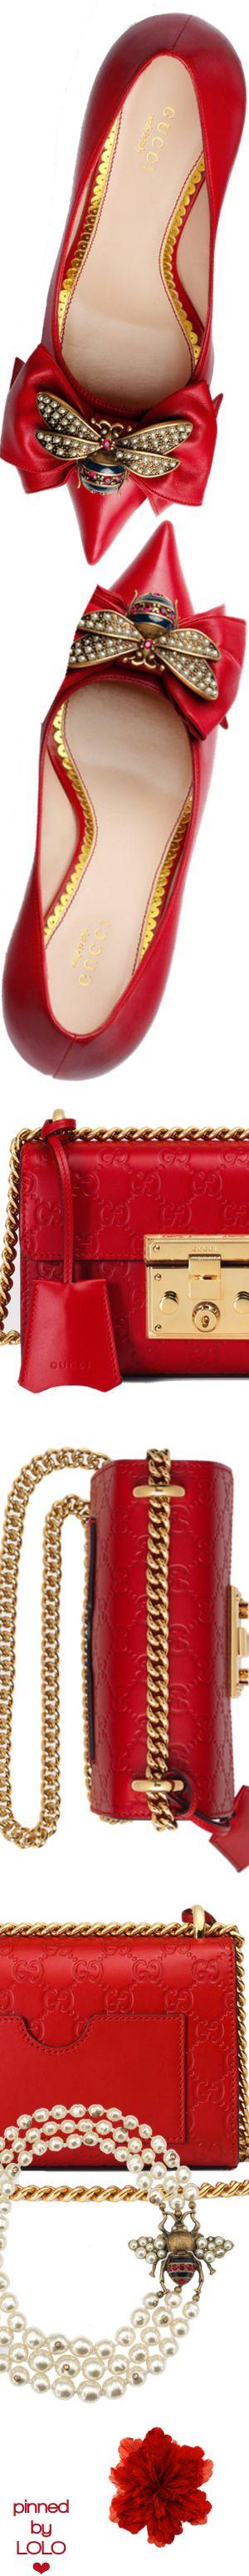 Gucci Accessories